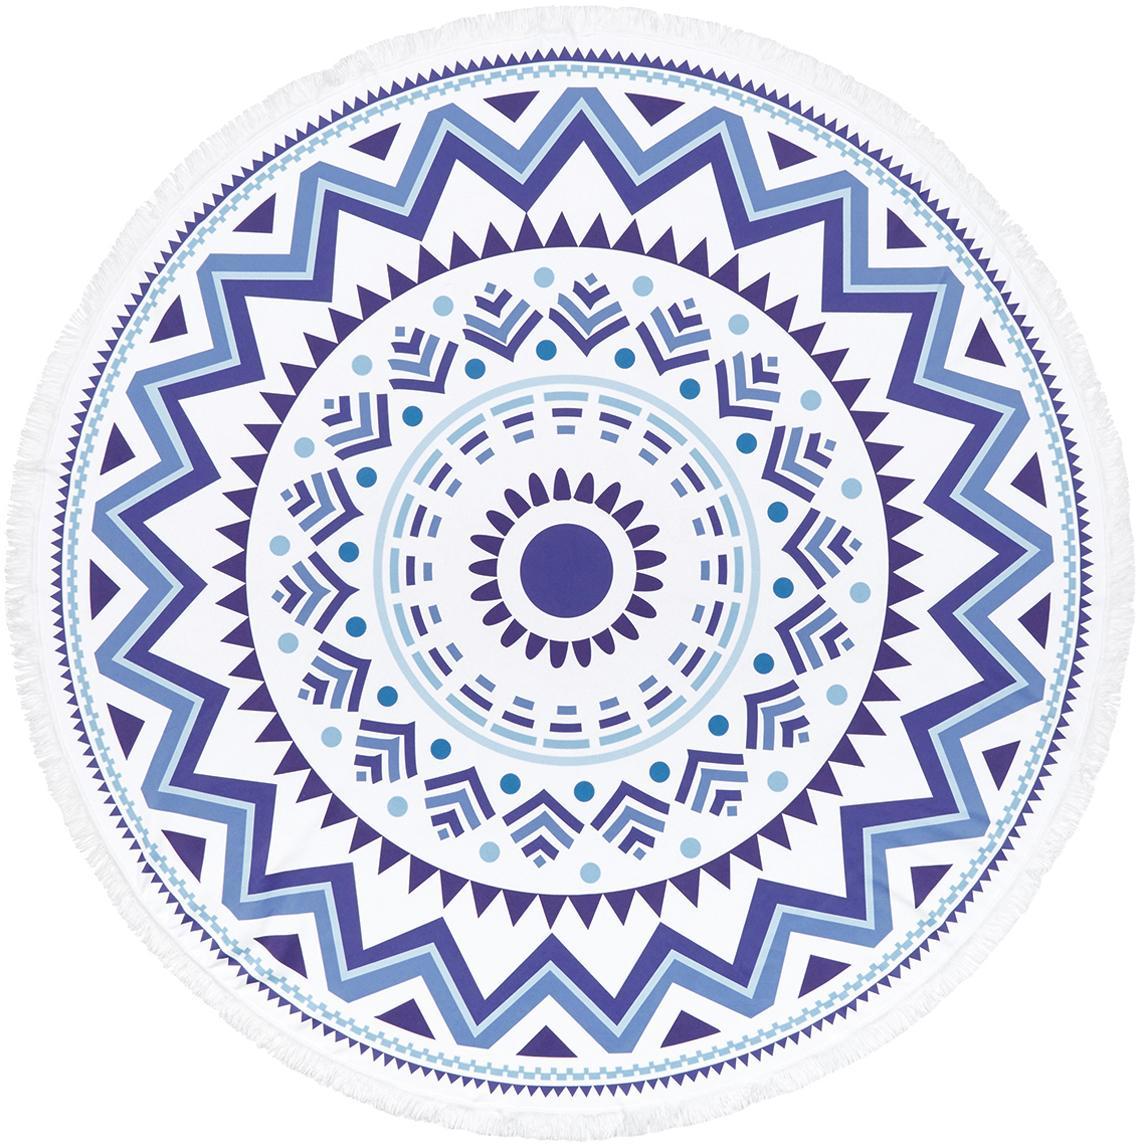 Rundes Strandtuch Hippie, gemustert, 55% Polyester, 45% Baumwolle Sehr leichte Qualität 340 g/m², Dunkelblau, Hellblau, Weiss, Ø 150 cm